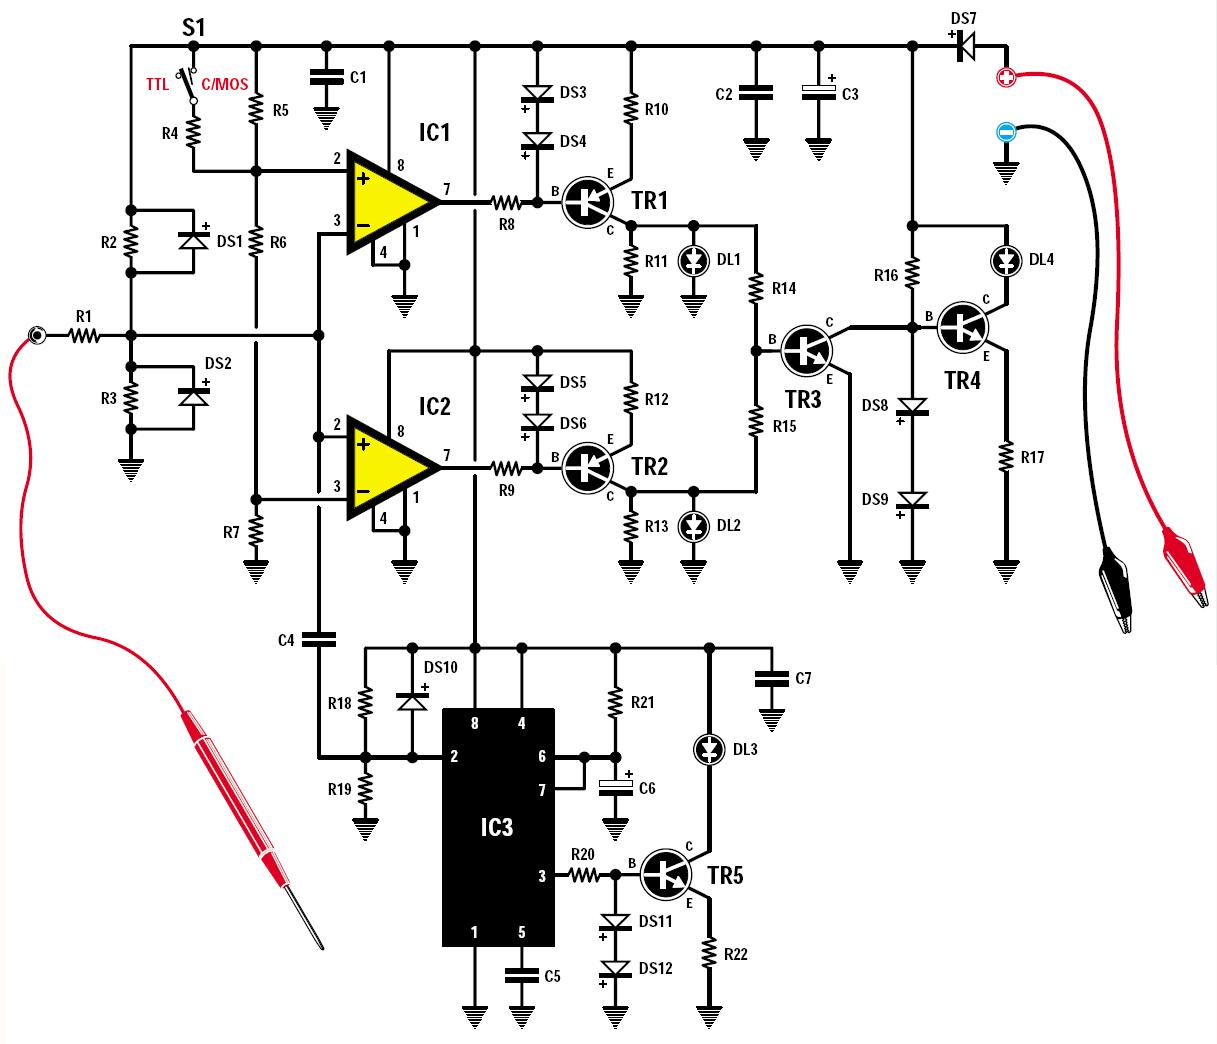 une sonde logique ttl et cmos schema electronique net